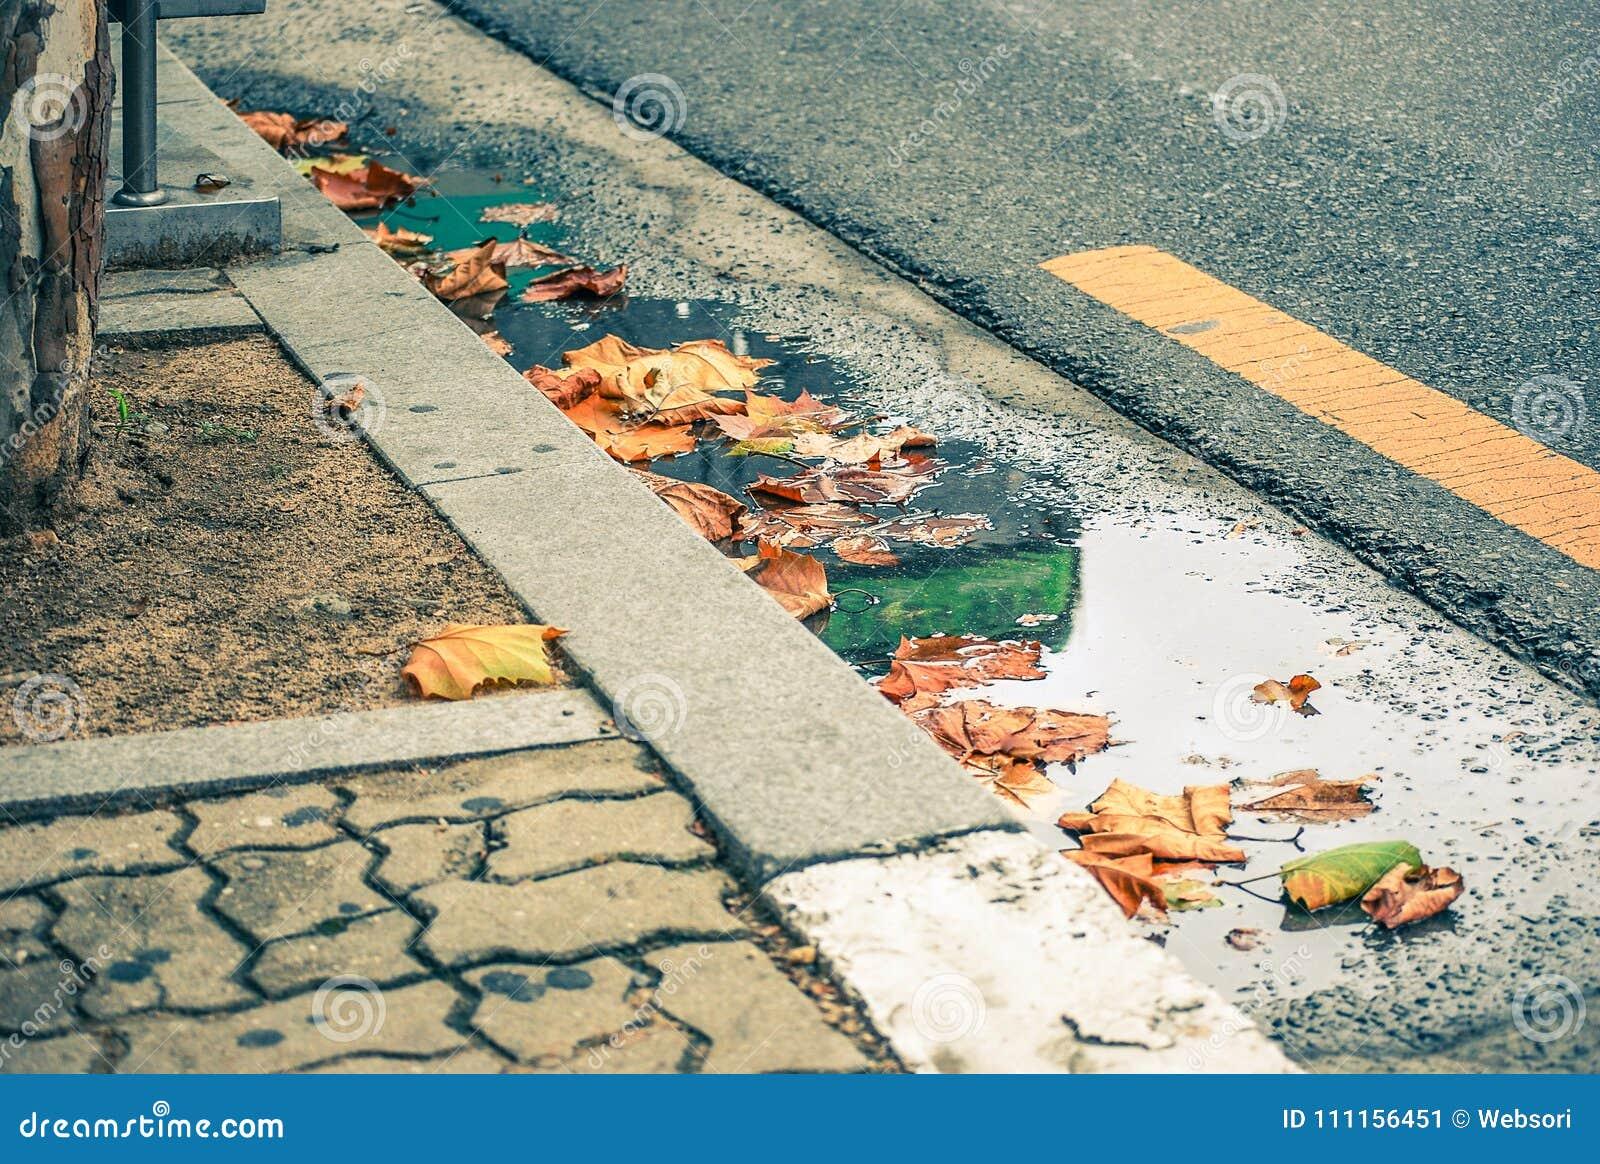 La chute part dans la route et le trottoir